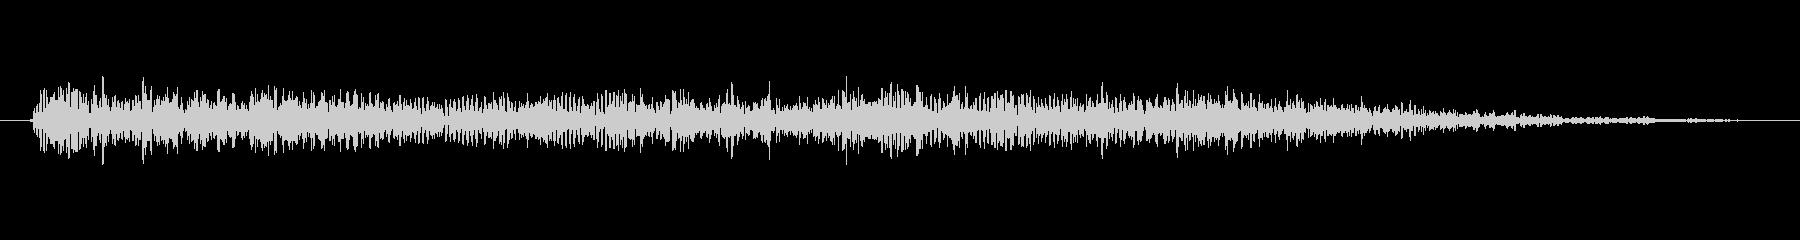 工業 ぐらつきサウンドスケープ01の未再生の波形